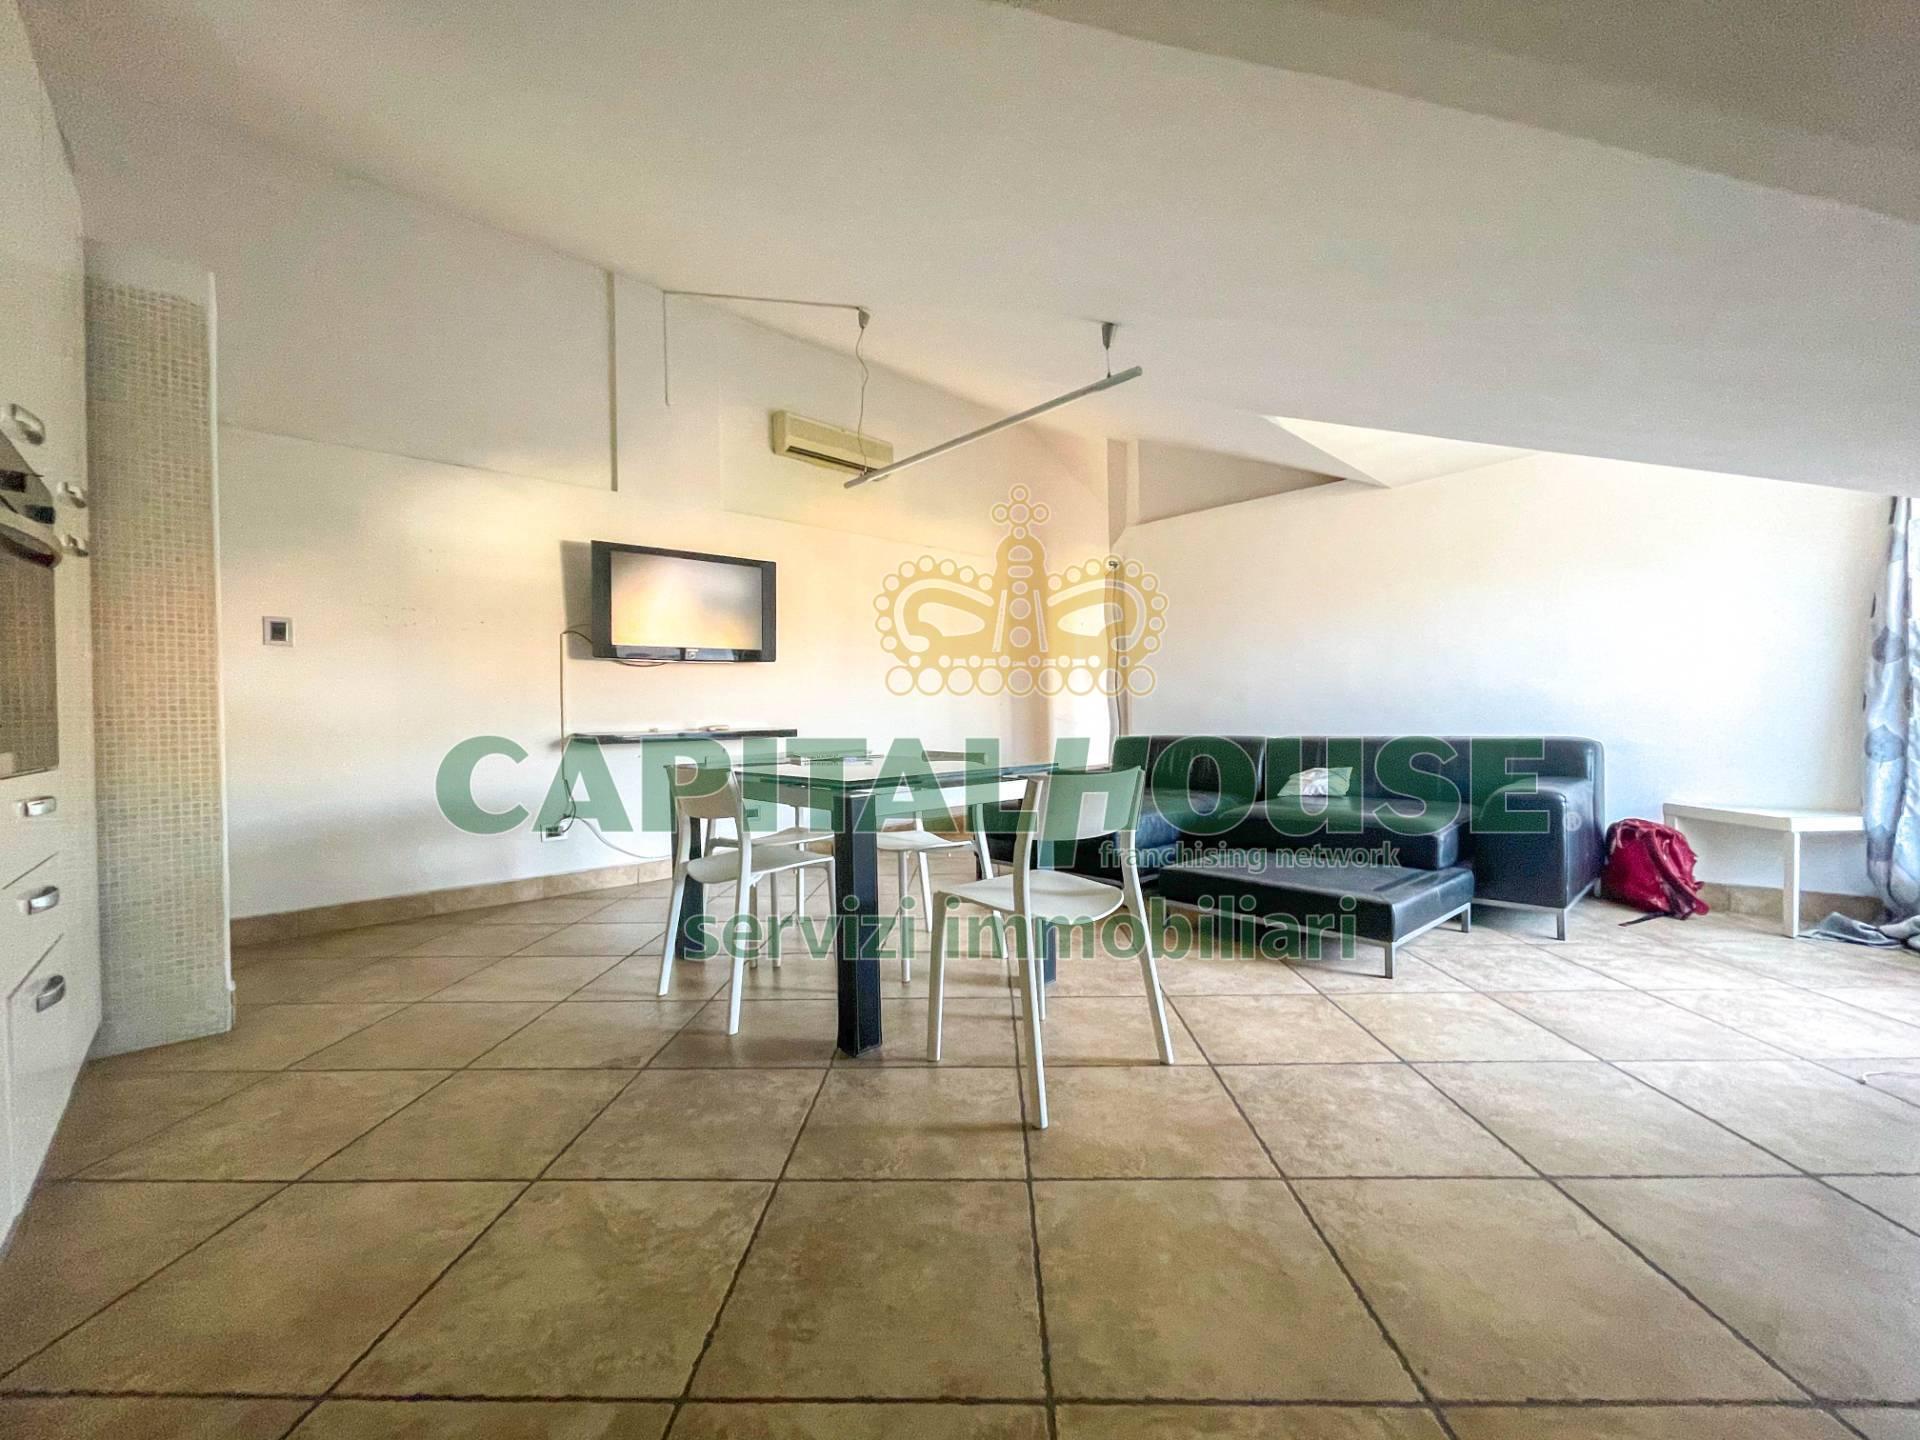 Attico / Mansarda in vendita a Santa Maria Capua Vetere, 2 locali, zona Località: Zonanuova, prezzo € 60.000   PortaleAgenzieImmobiliari.it